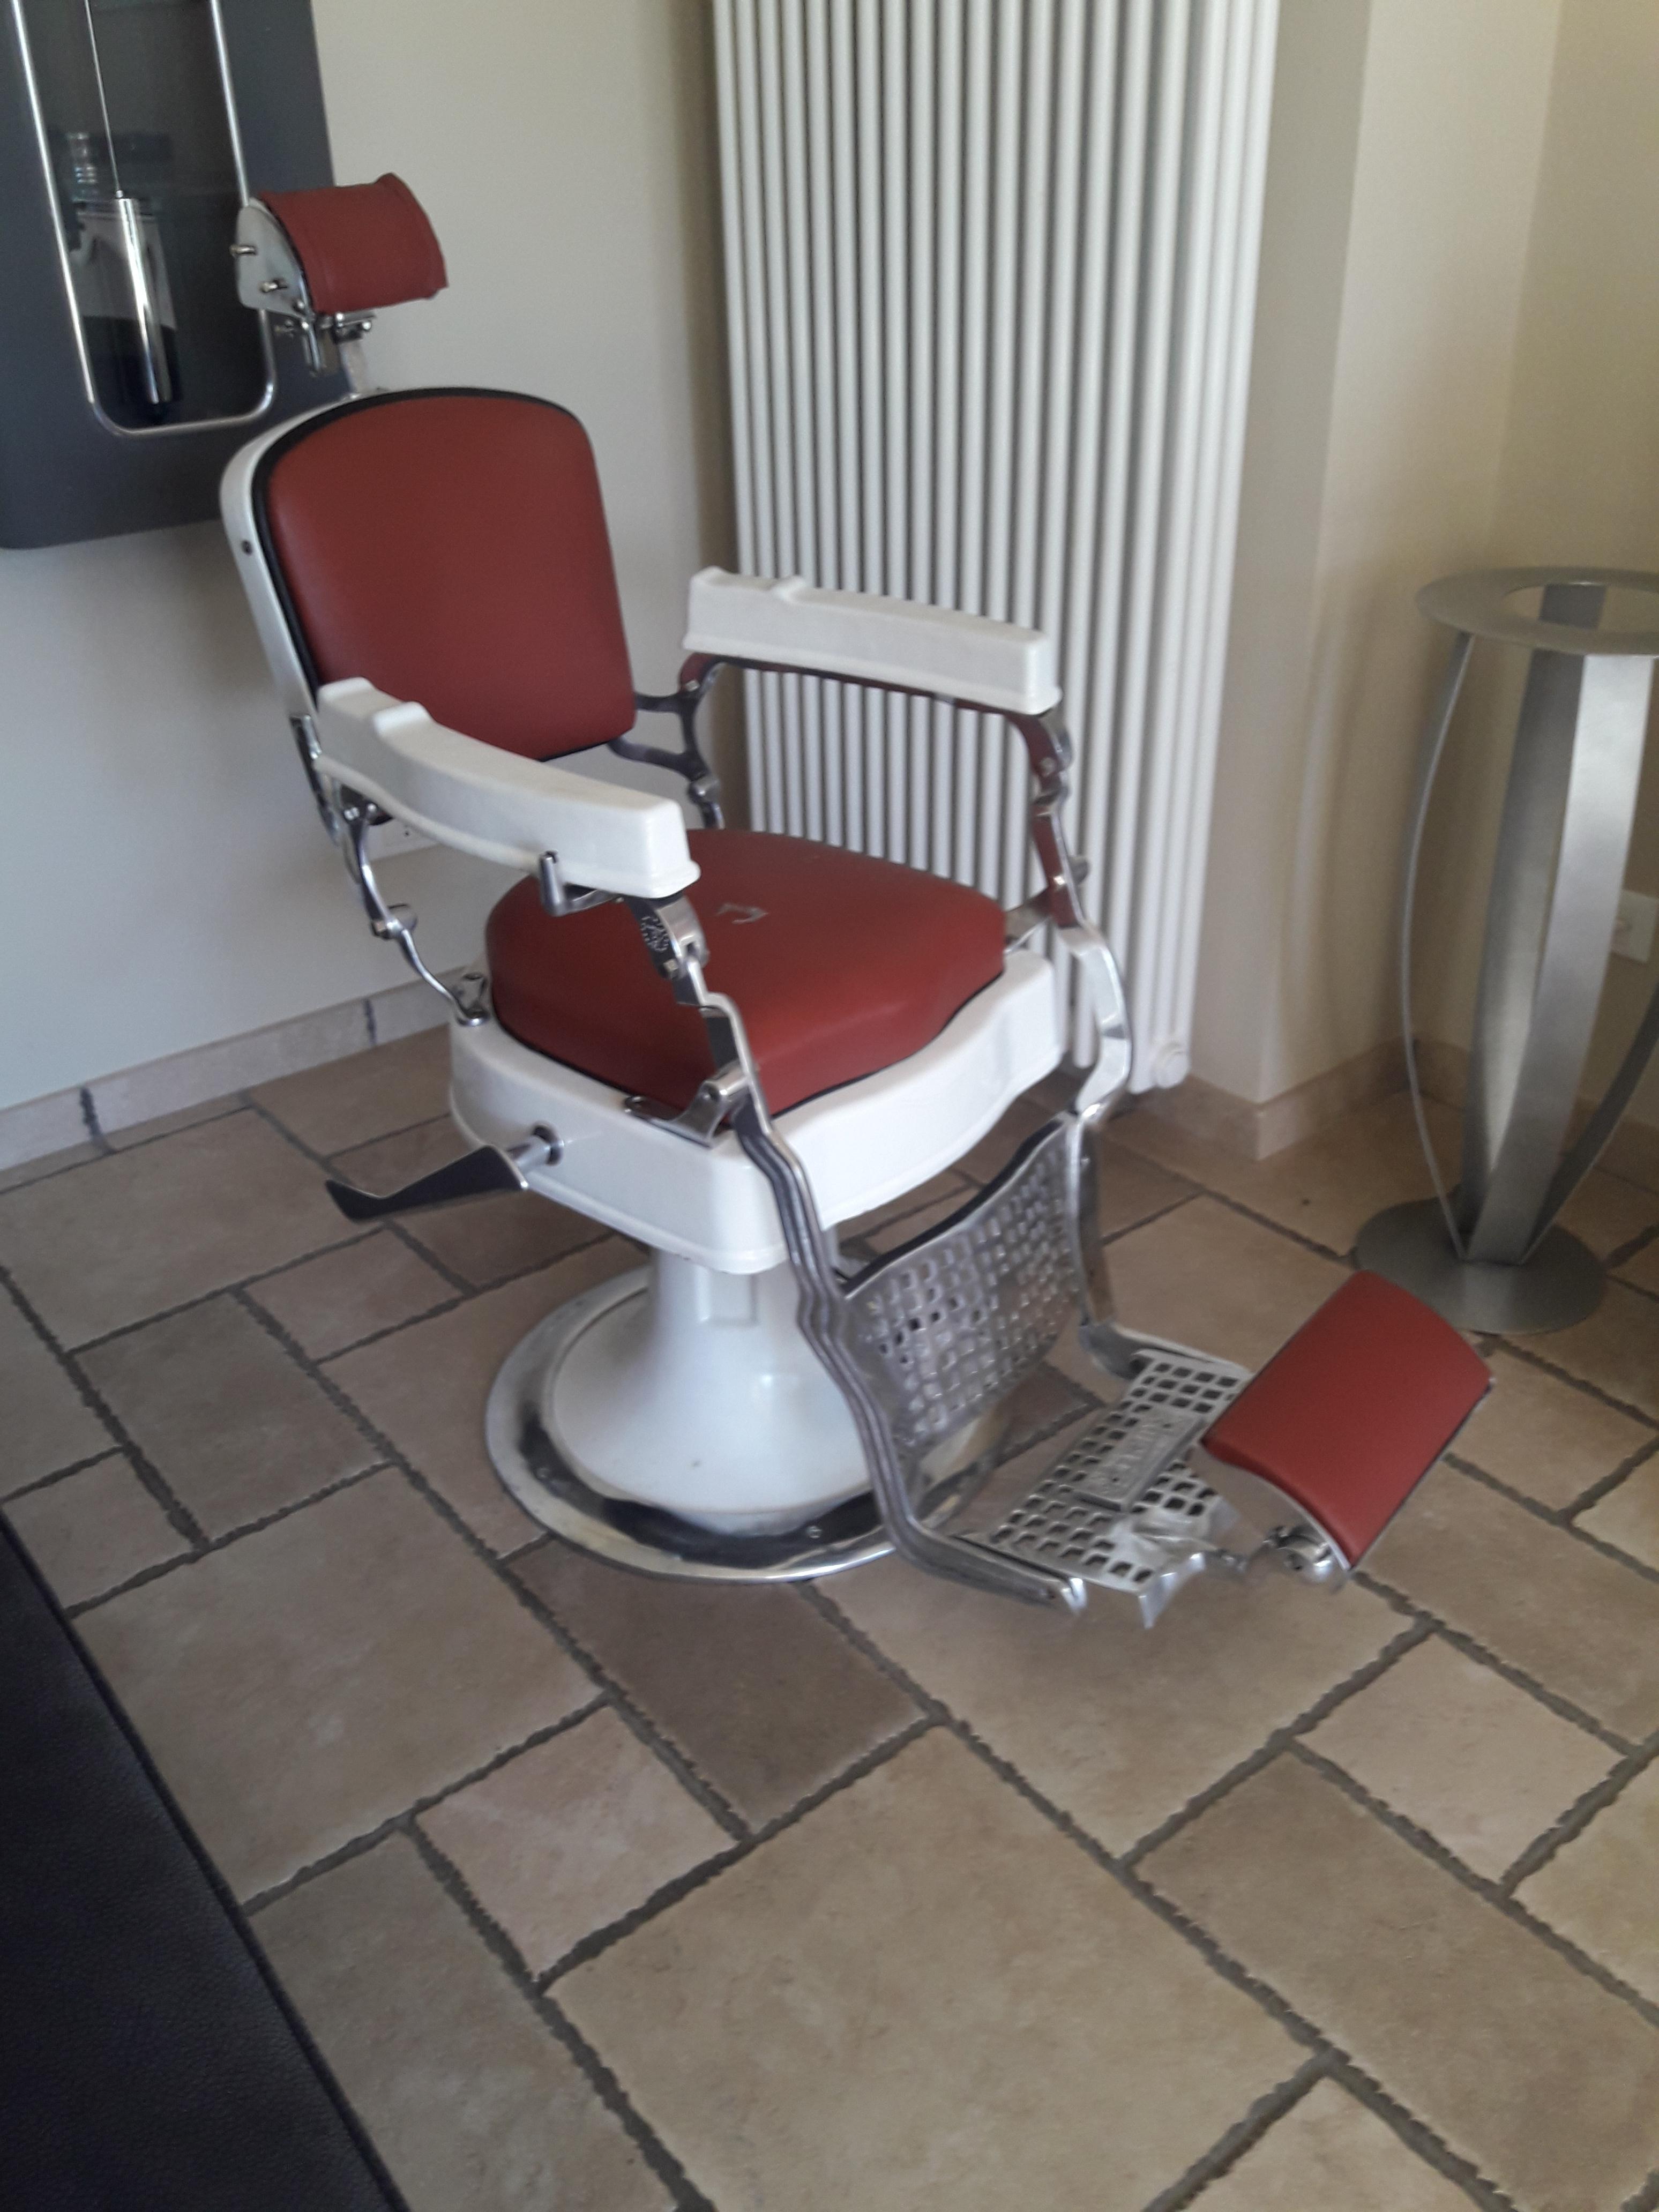 sedia da barbiere vintage originale anni 60-70-